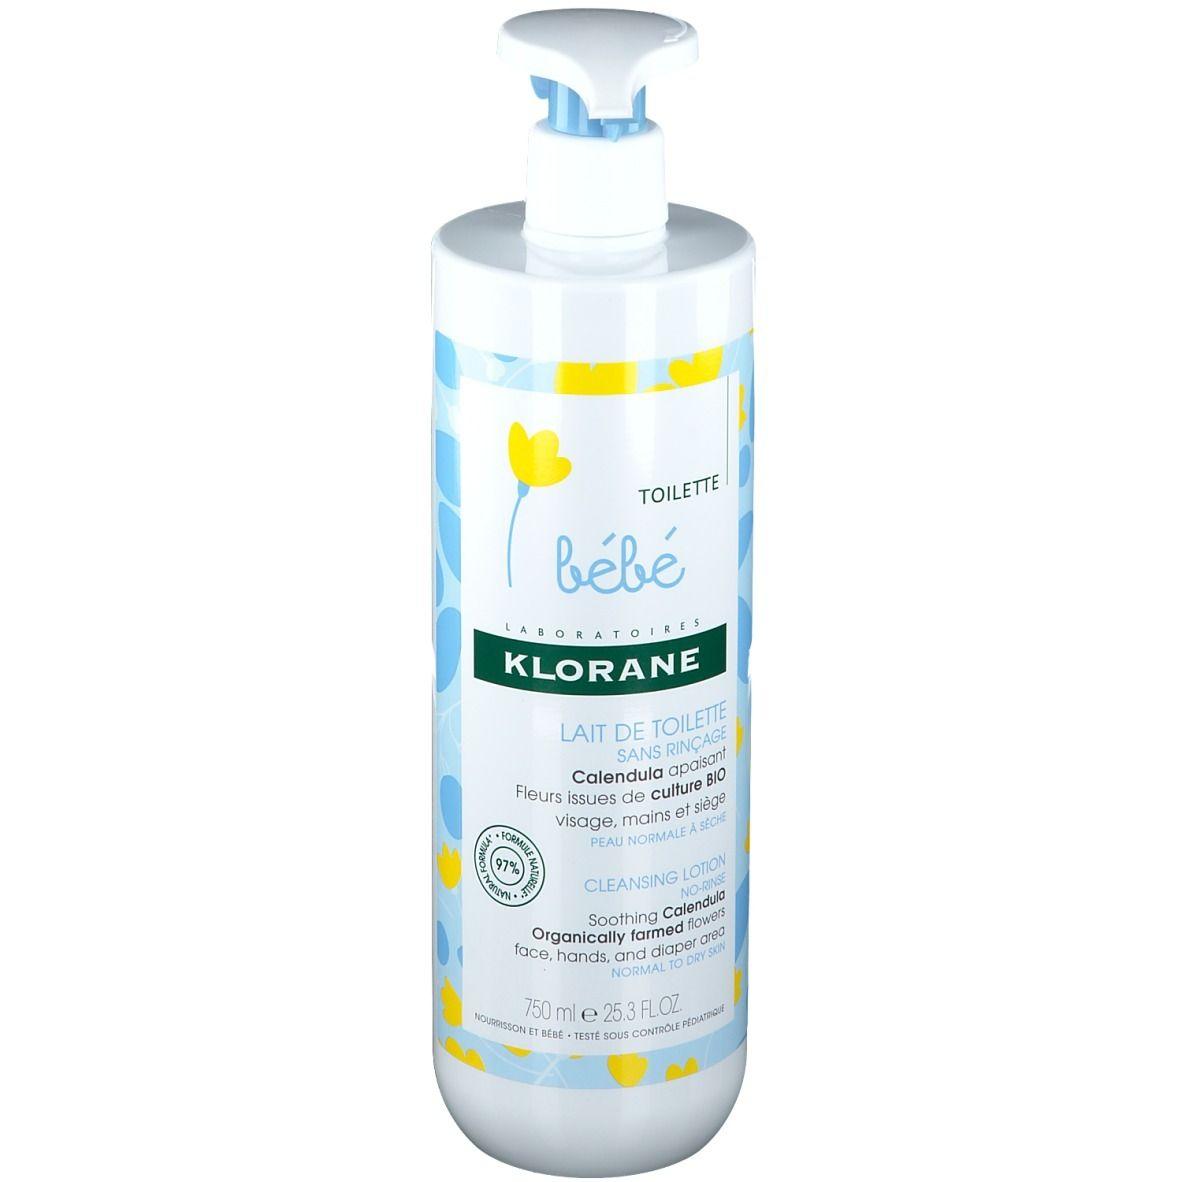 Klorane Bébé Toilette Lait de Toilette au Calendula Bio ml lait